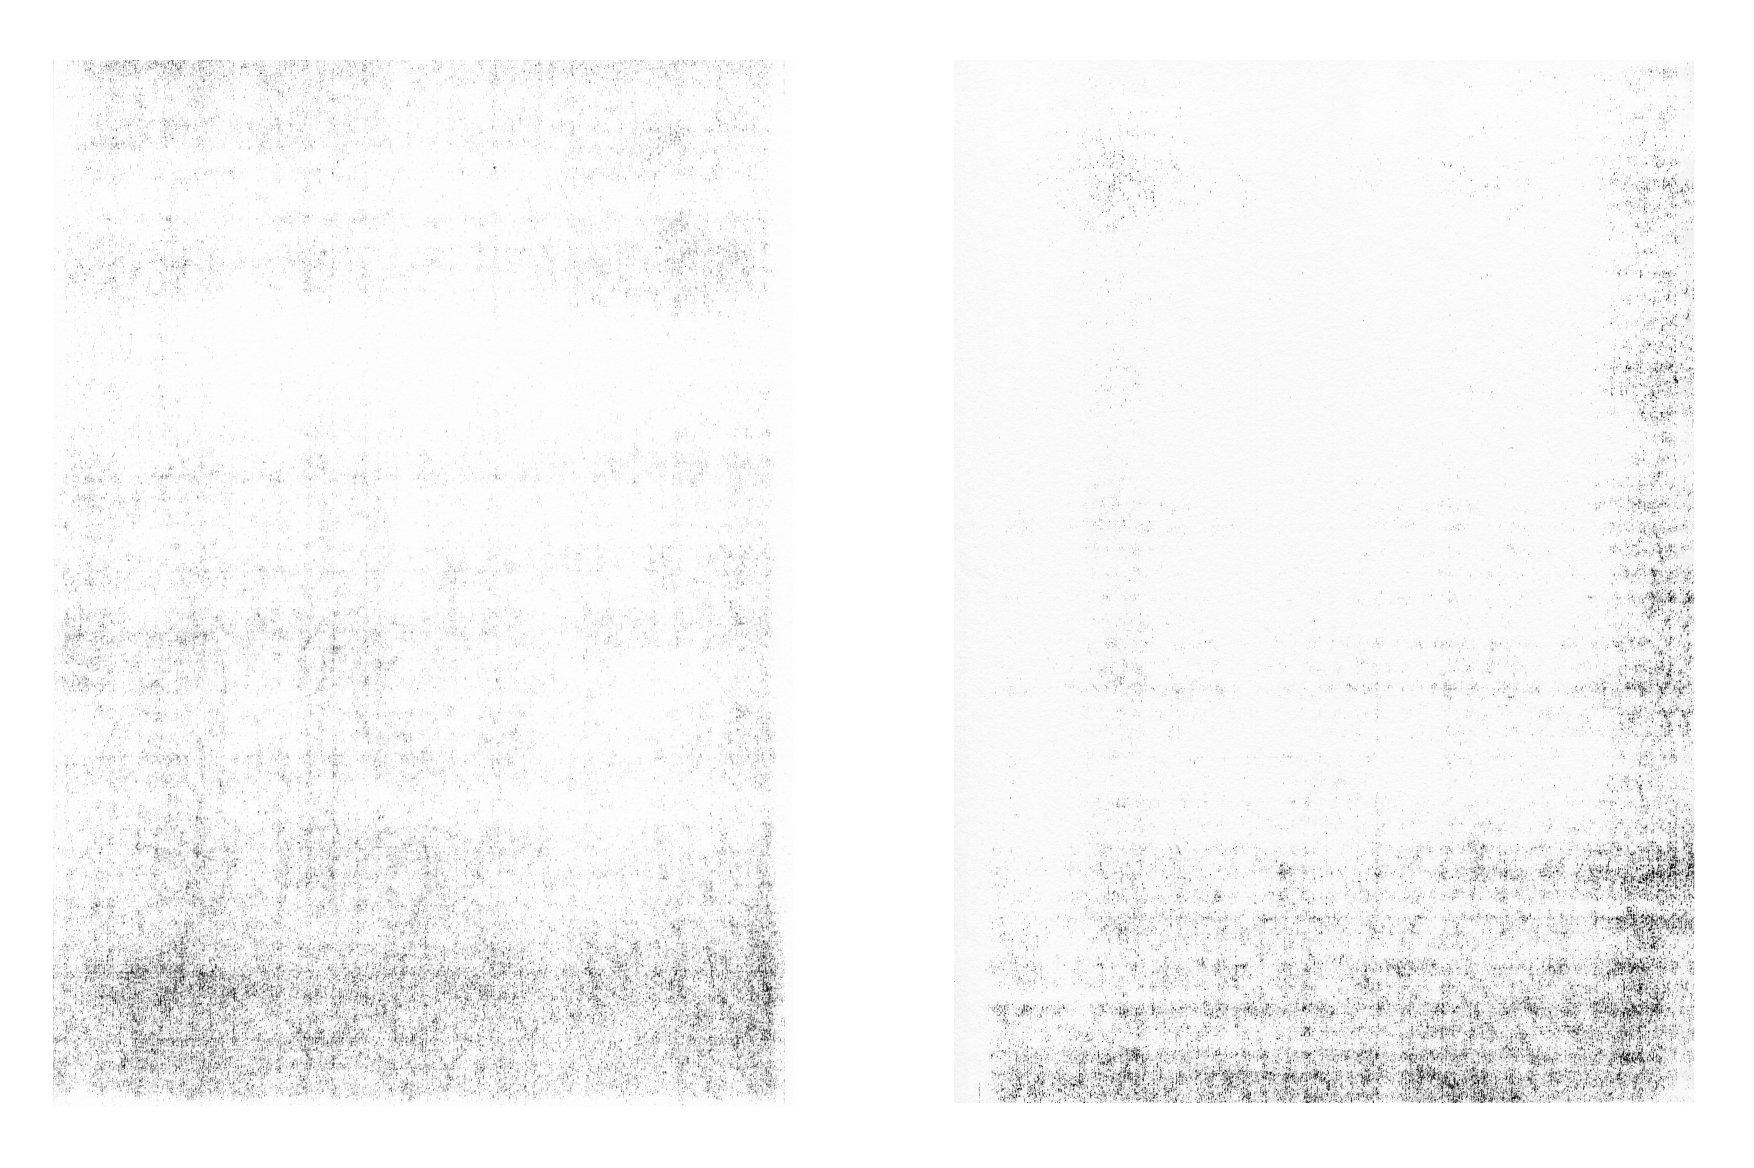 156款复古做旧折痕磨损褶皱纸张背景纹理素材合集 The Grunge Texture Bundle Vol. 1插图(70)